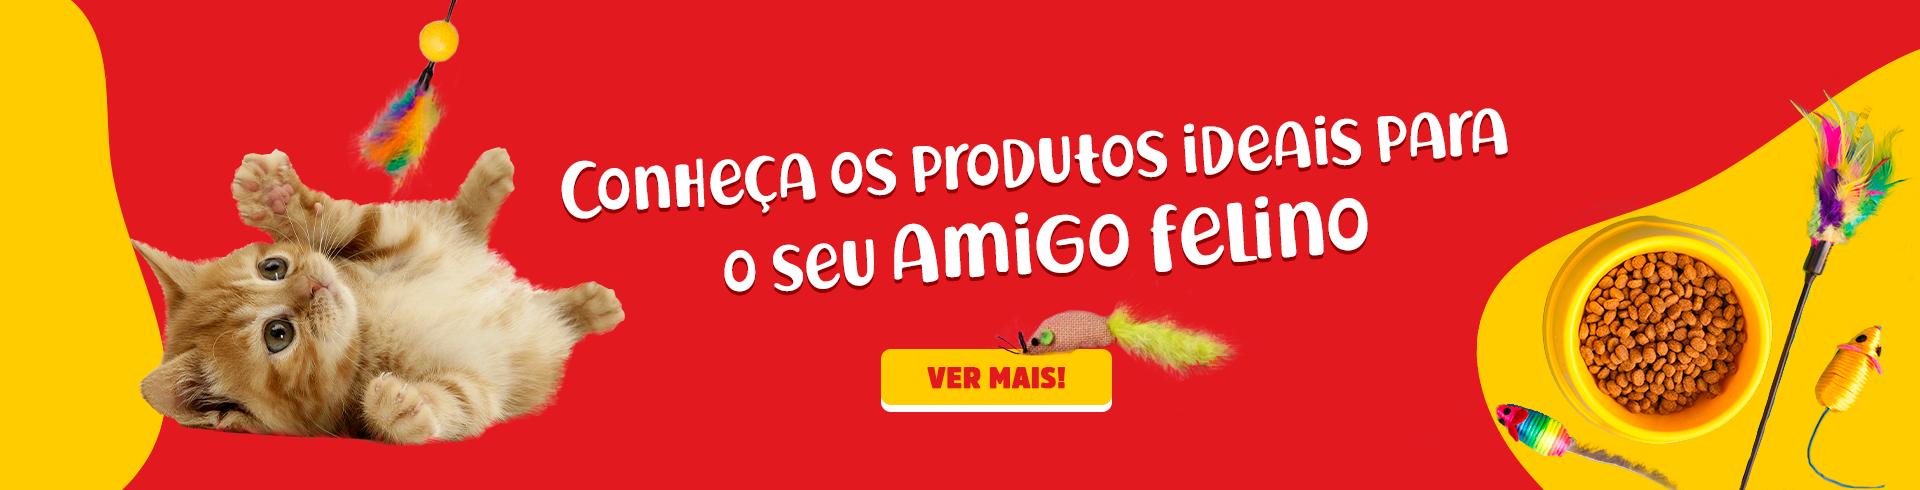 gato_produtos